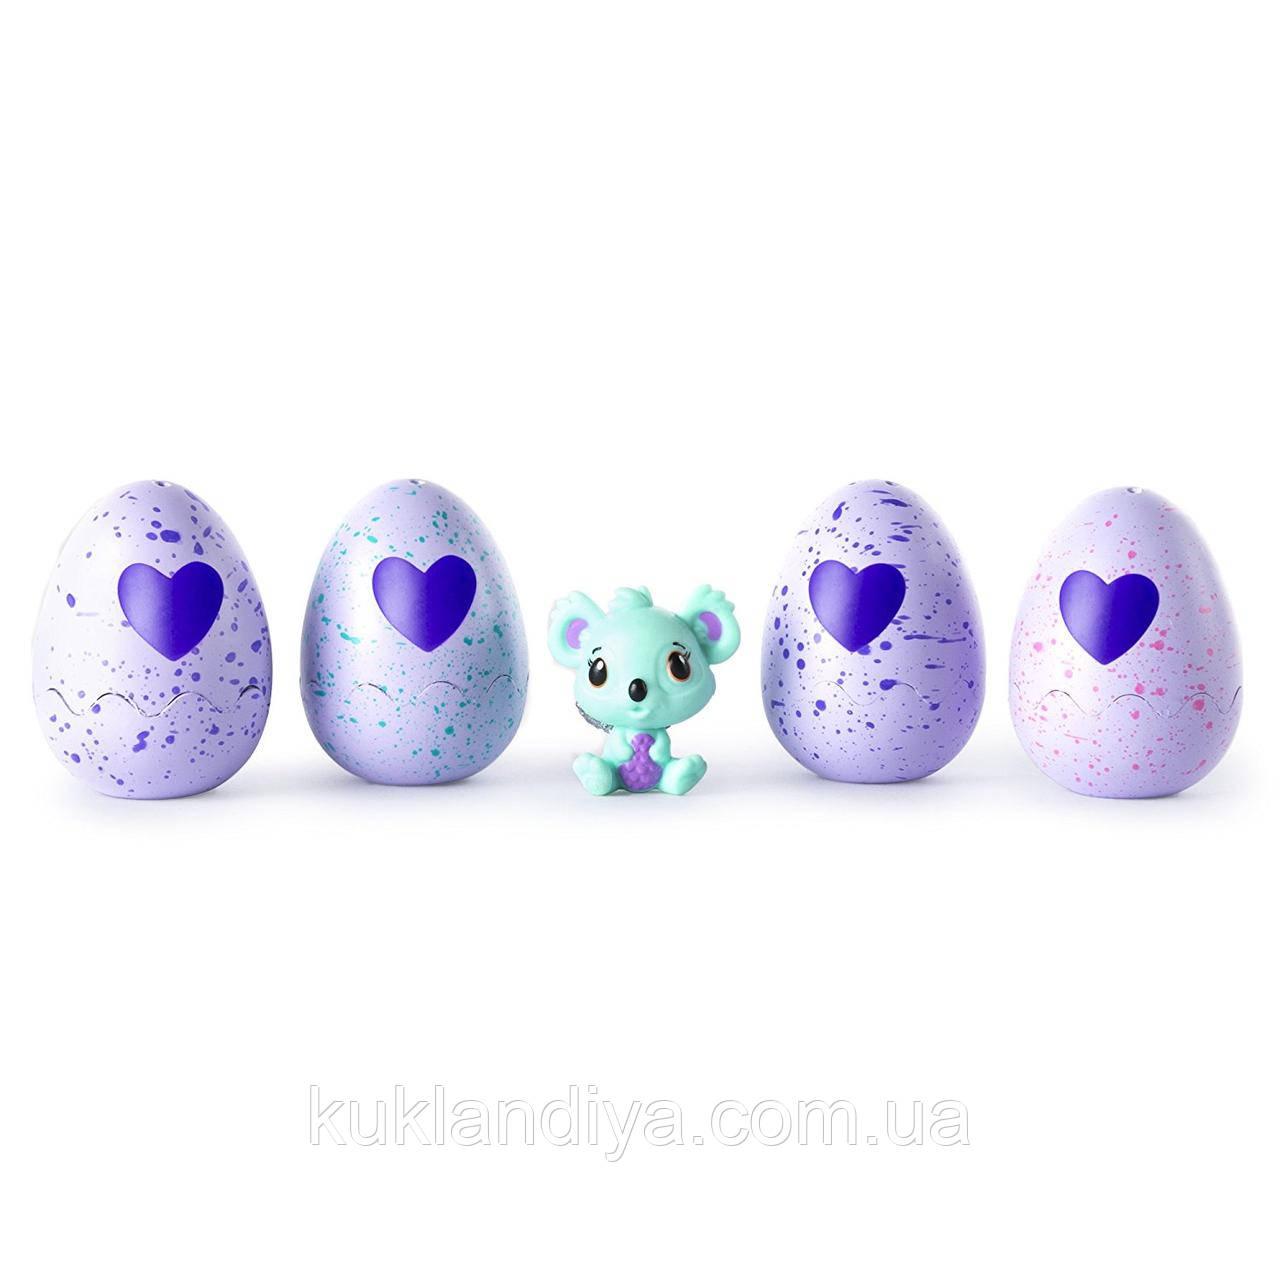 Игровой набор Hatchimals CollEGGtibles из 4  коллекционных фигурок в яйцах + бонусная фигурка (в ассортименте) - КукляндиЯ - интернет магазин игрушек  kuklandiya.com.ua   в Харькове